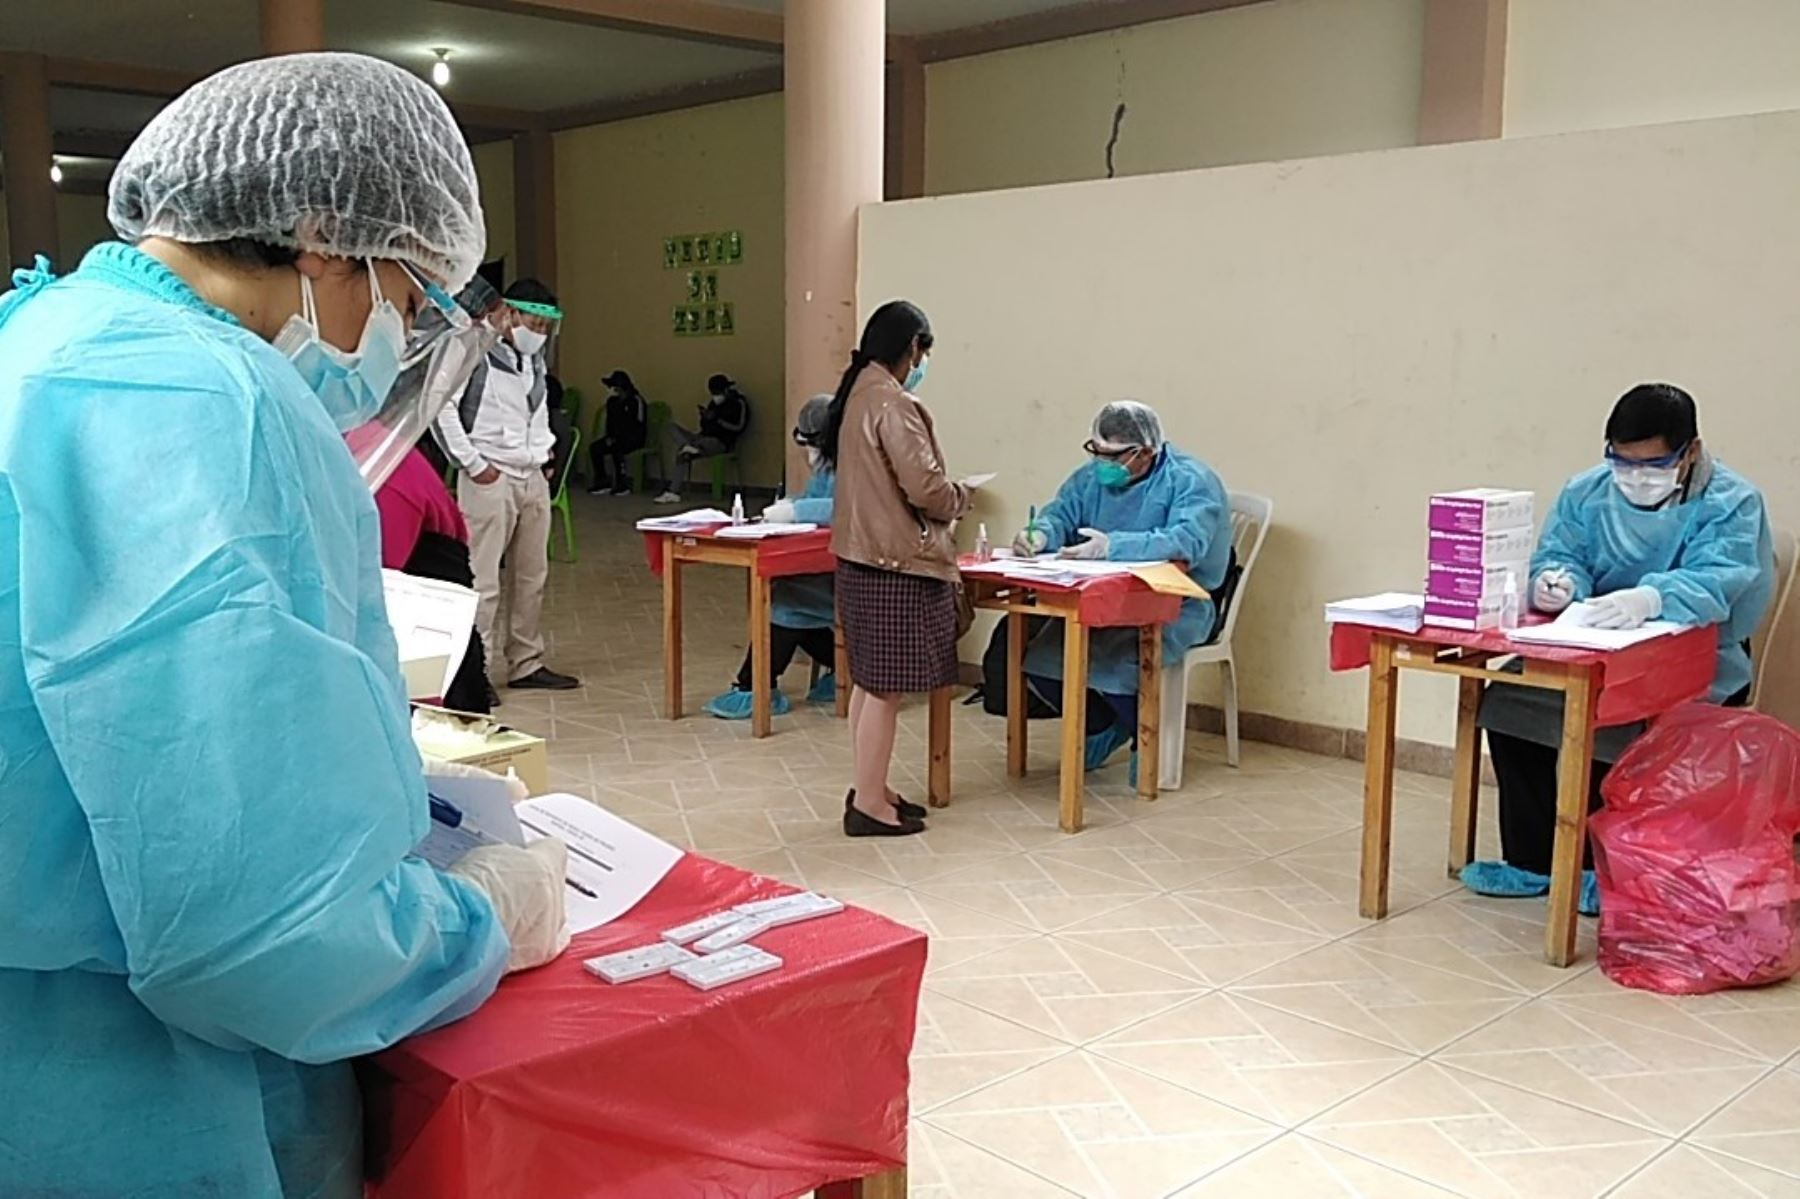 Trabajadores de un centro comercial de Trujillo pasan un control sanitario para detectar casos de covid-19. Foto: ANDINA/Difusión